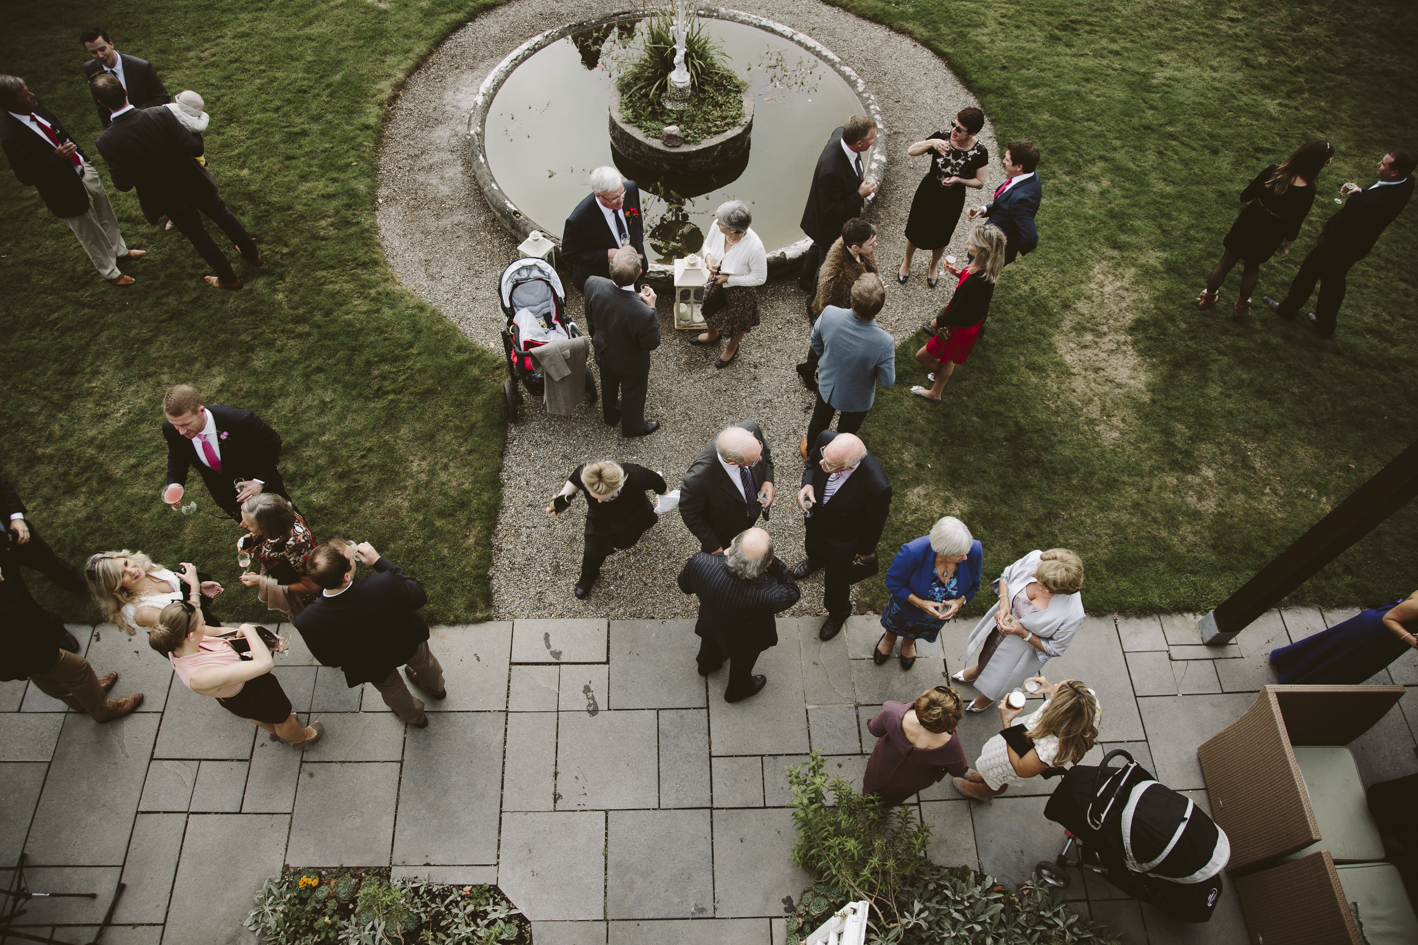 Wedding photographer Ireland Graciela Vilagudin 830.jpg